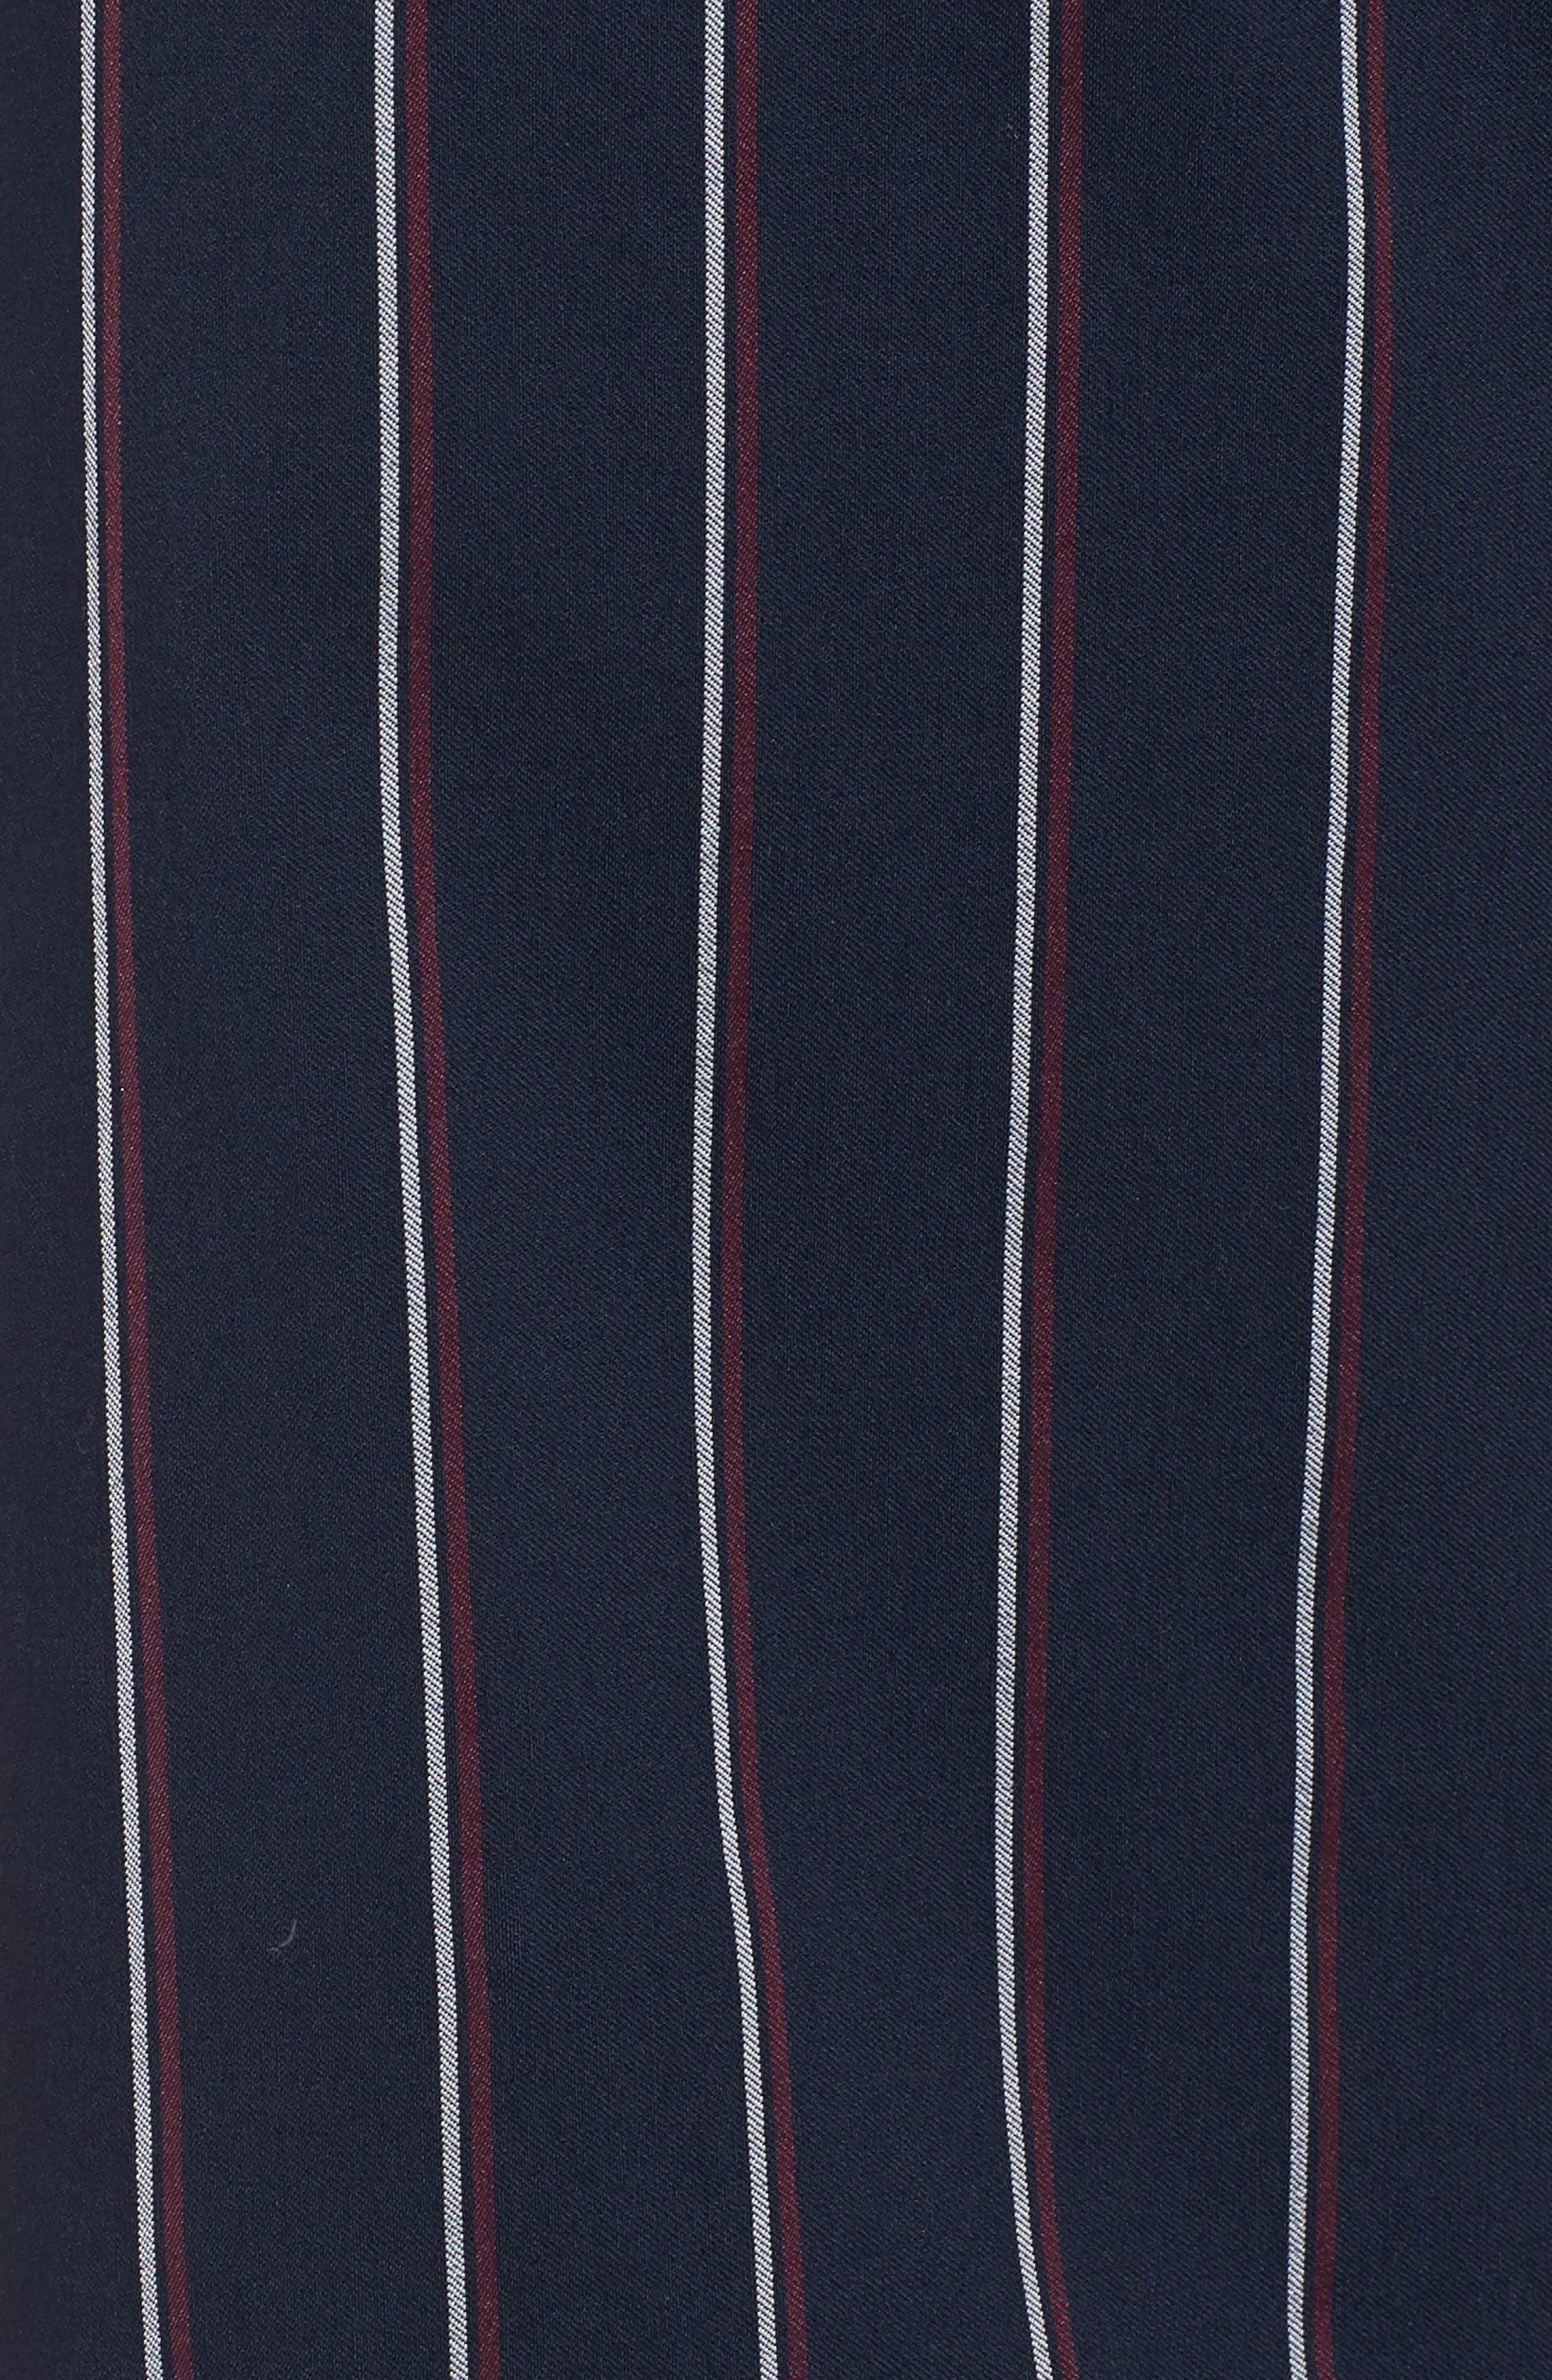 Tie Waist Crop Trousers,                             Alternate thumbnail 6, color,                             410